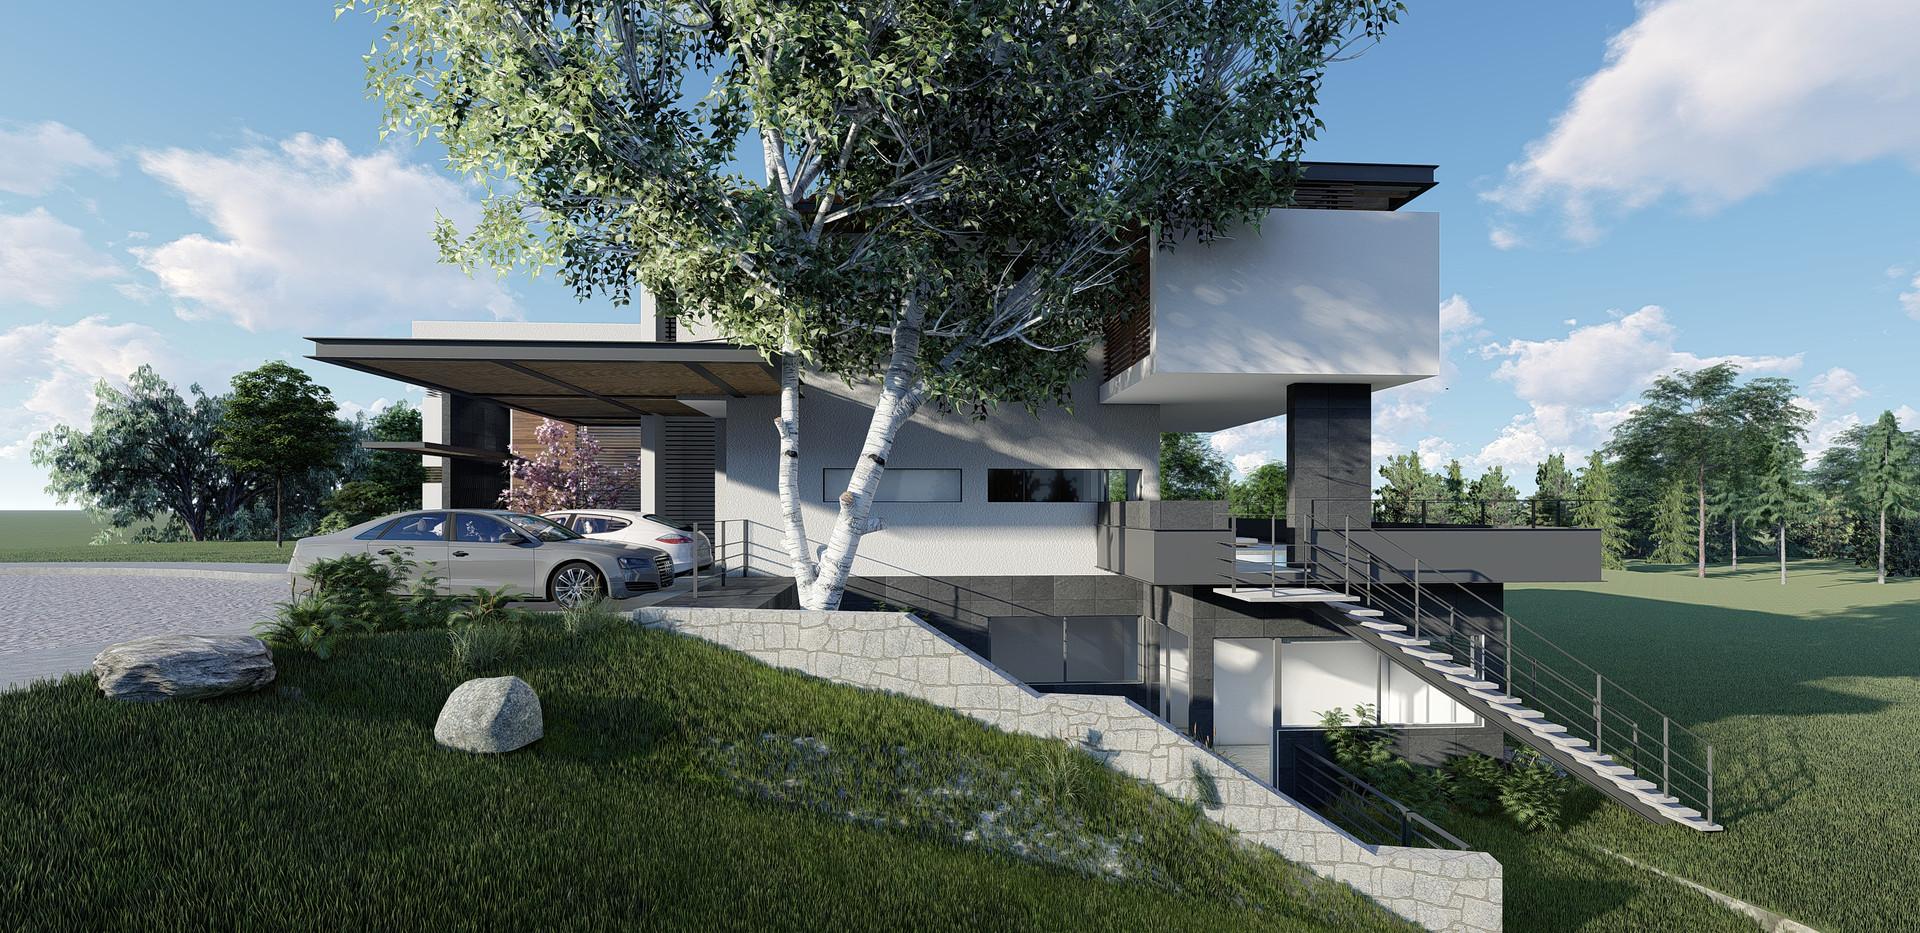 casa donde min_Photo - 19.jpg